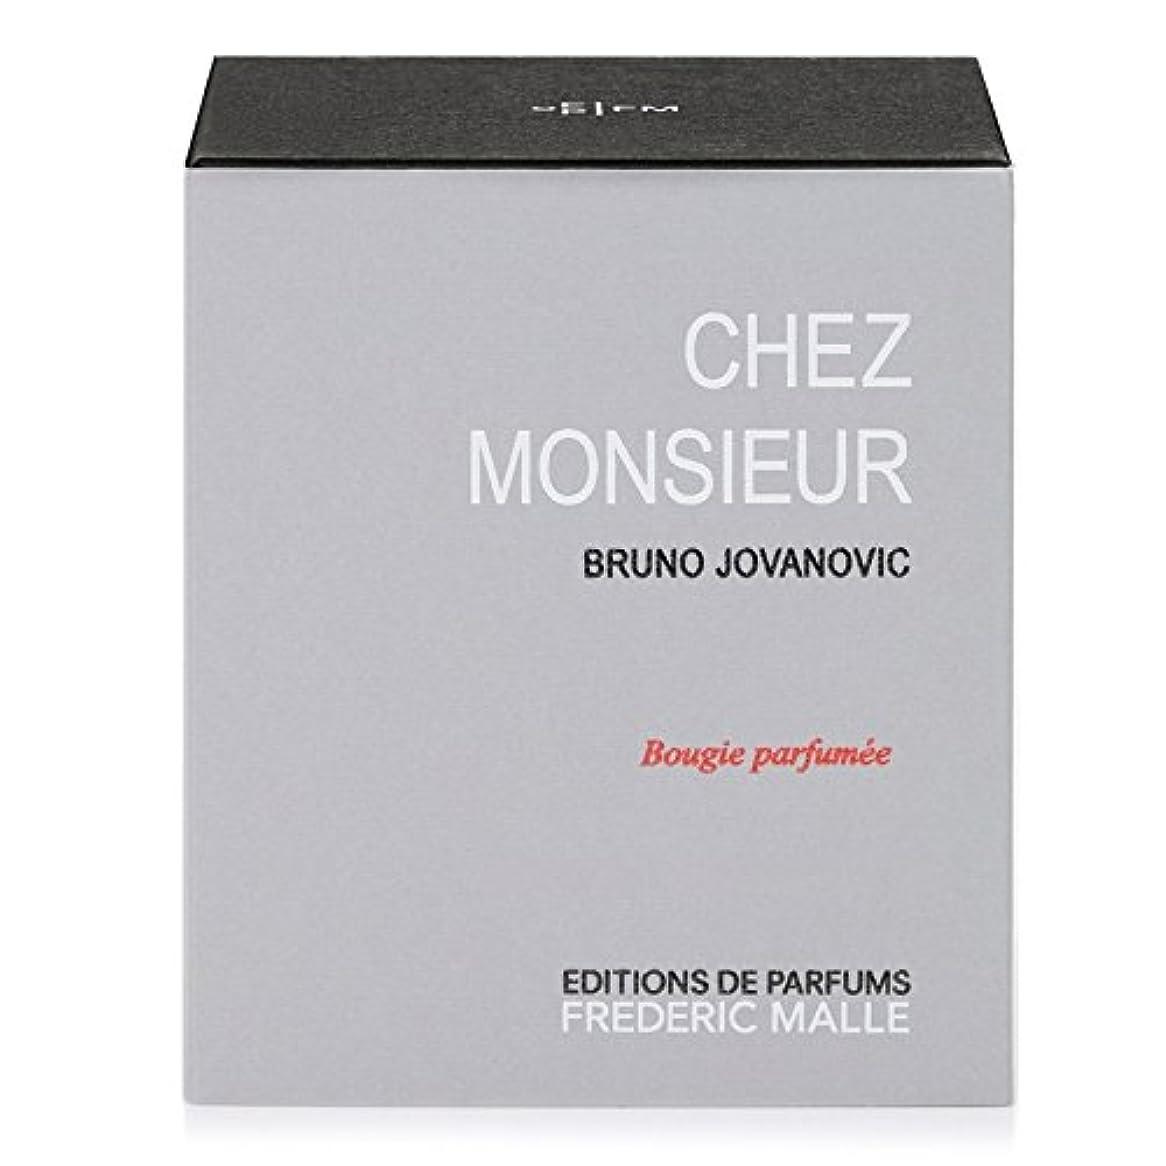 想像力に話すワーディアンケースFrederic Malle Chez Monsieur Scented Candle 220g (Pack of 4) - フレデリック?マルシェムッシュ香りのキャンドル220グラム x4 [並行輸入品]